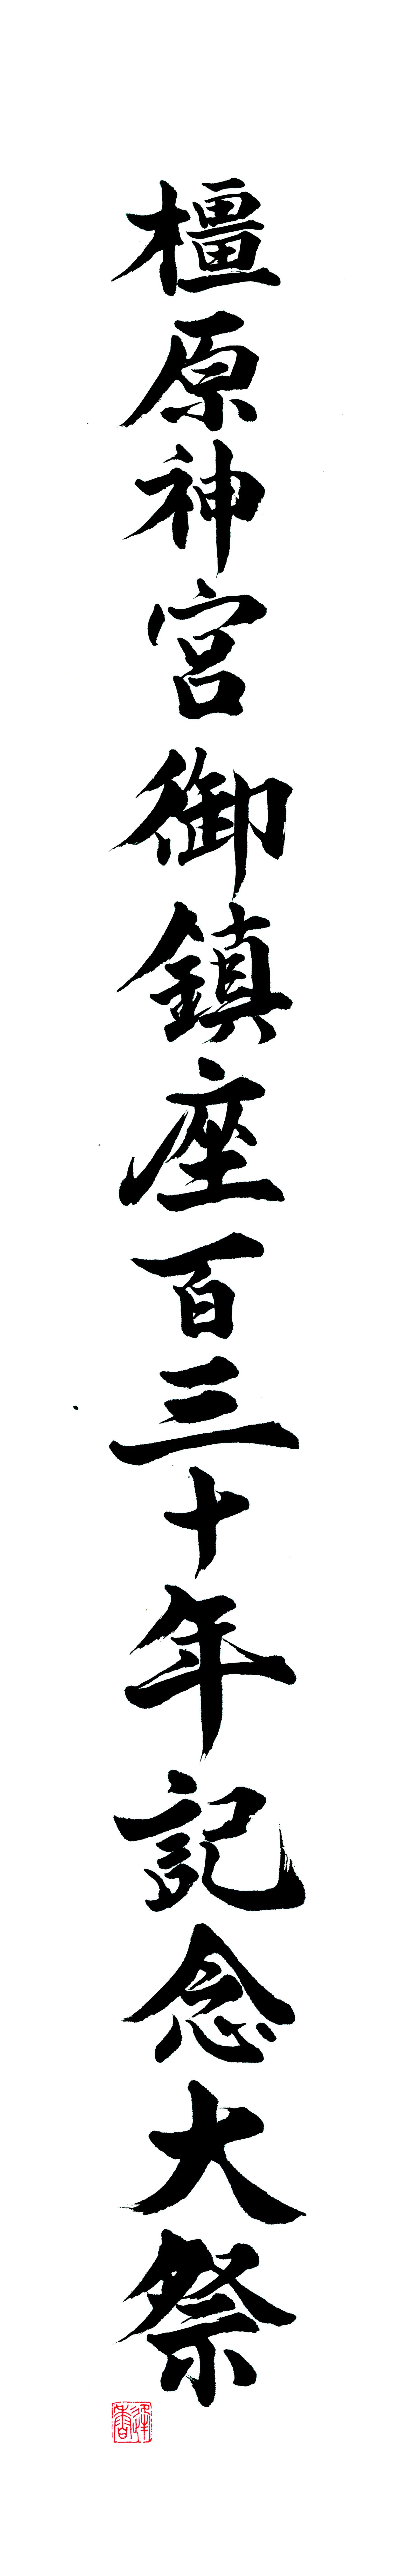 橿原神宮御鎮座130年記念大祭  題字揮毫